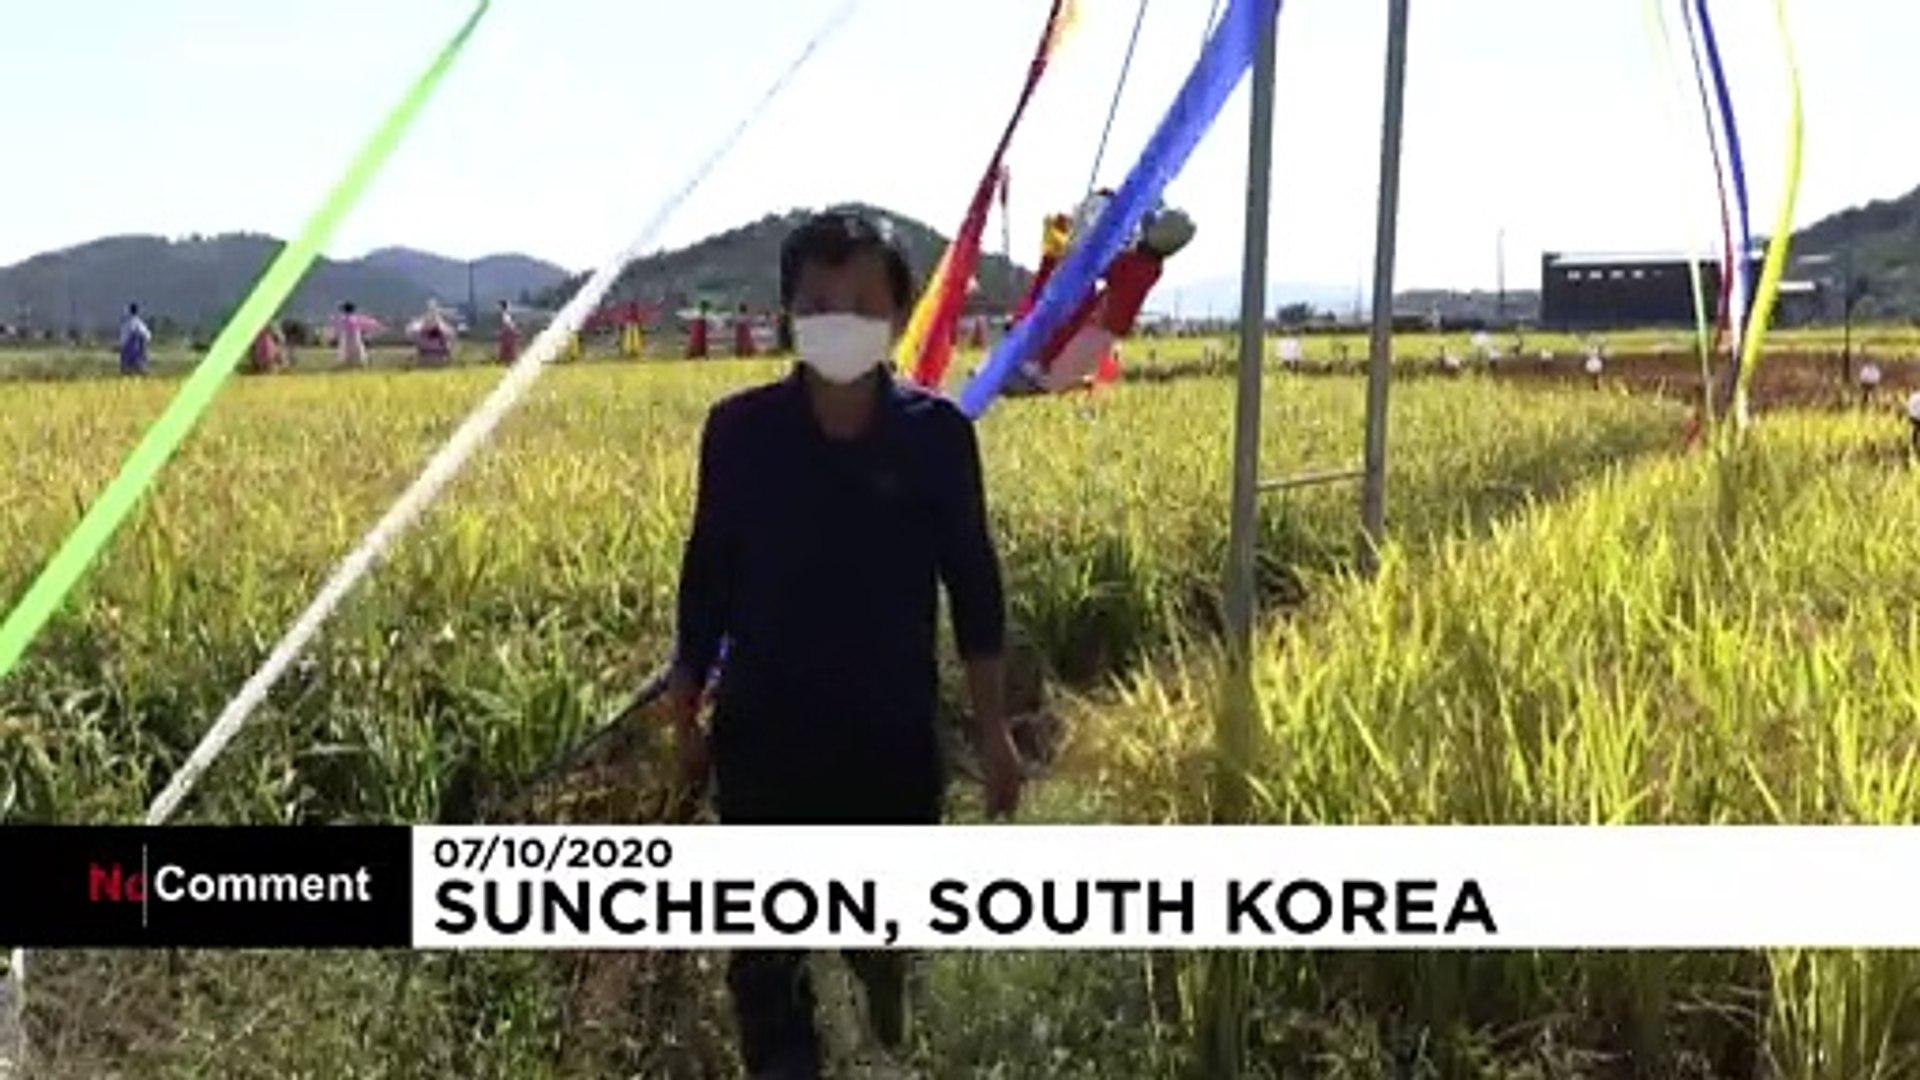 شاهد: رسومات عملاقة من نبات الأرز تحث سكان كوريا الجنوبية على الابتهاج وسط جائحة كورونا